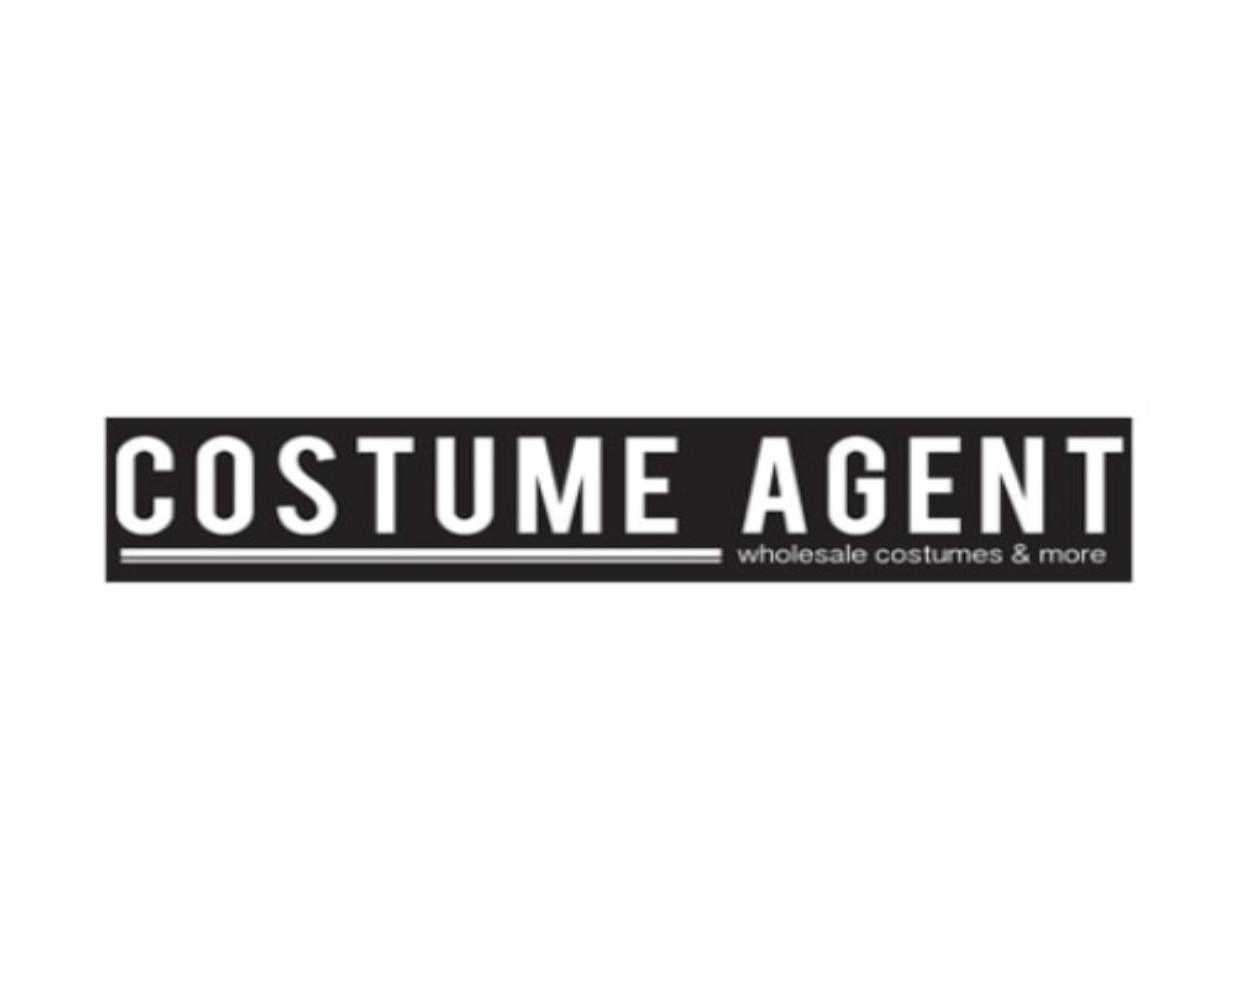 Costume Agent